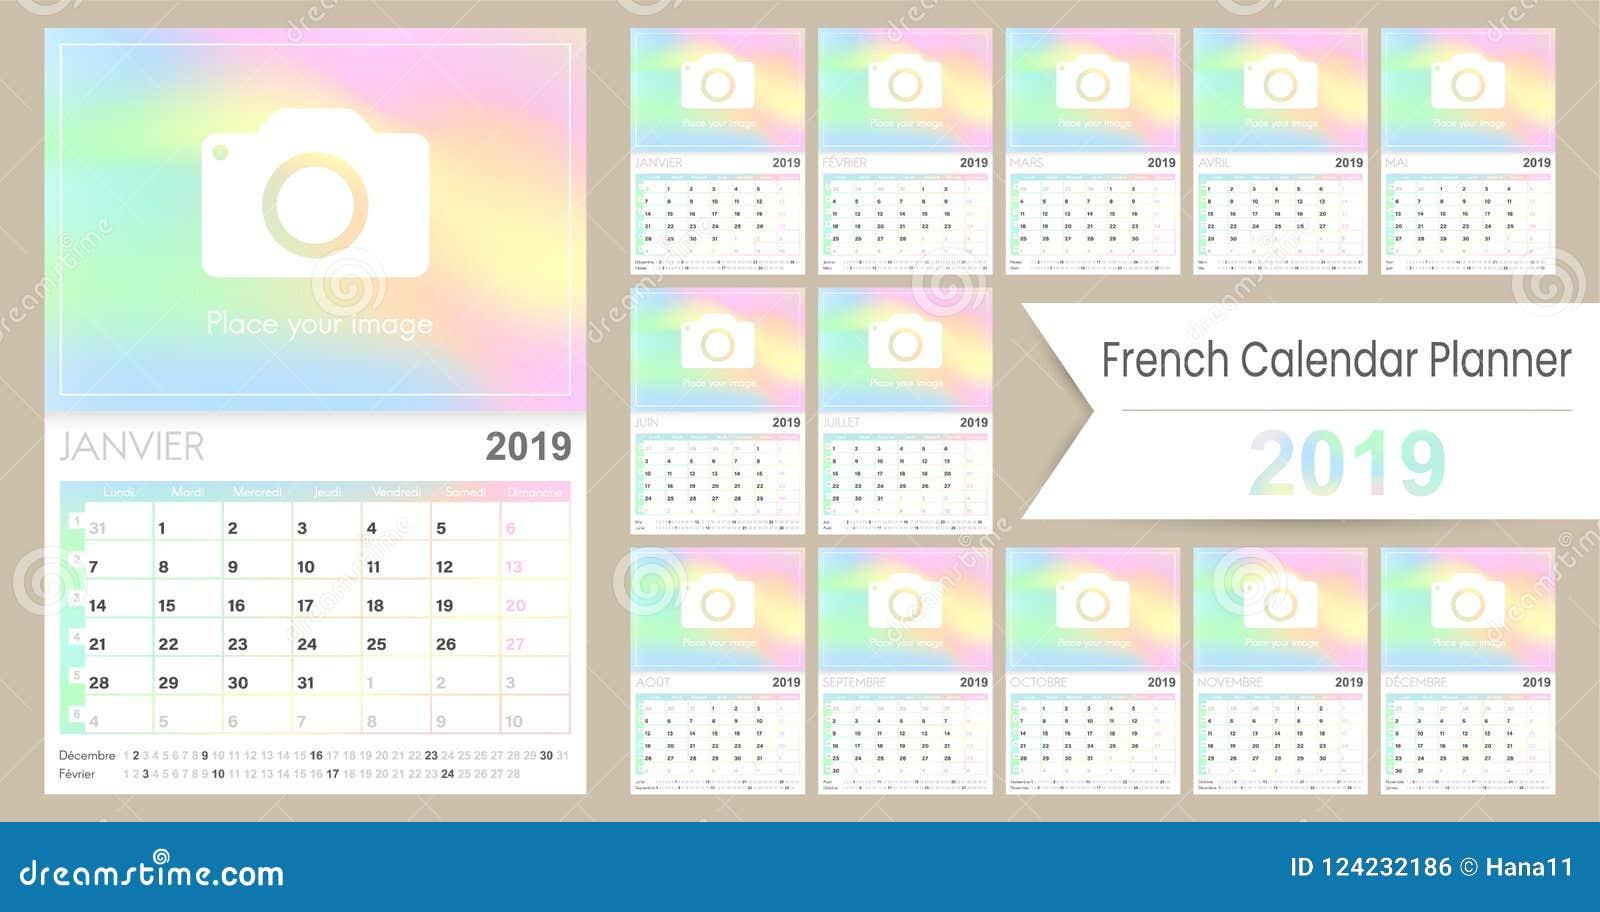 Calendrier Francais 2019.Calendrier Francais 2019 De Planification Illustration De